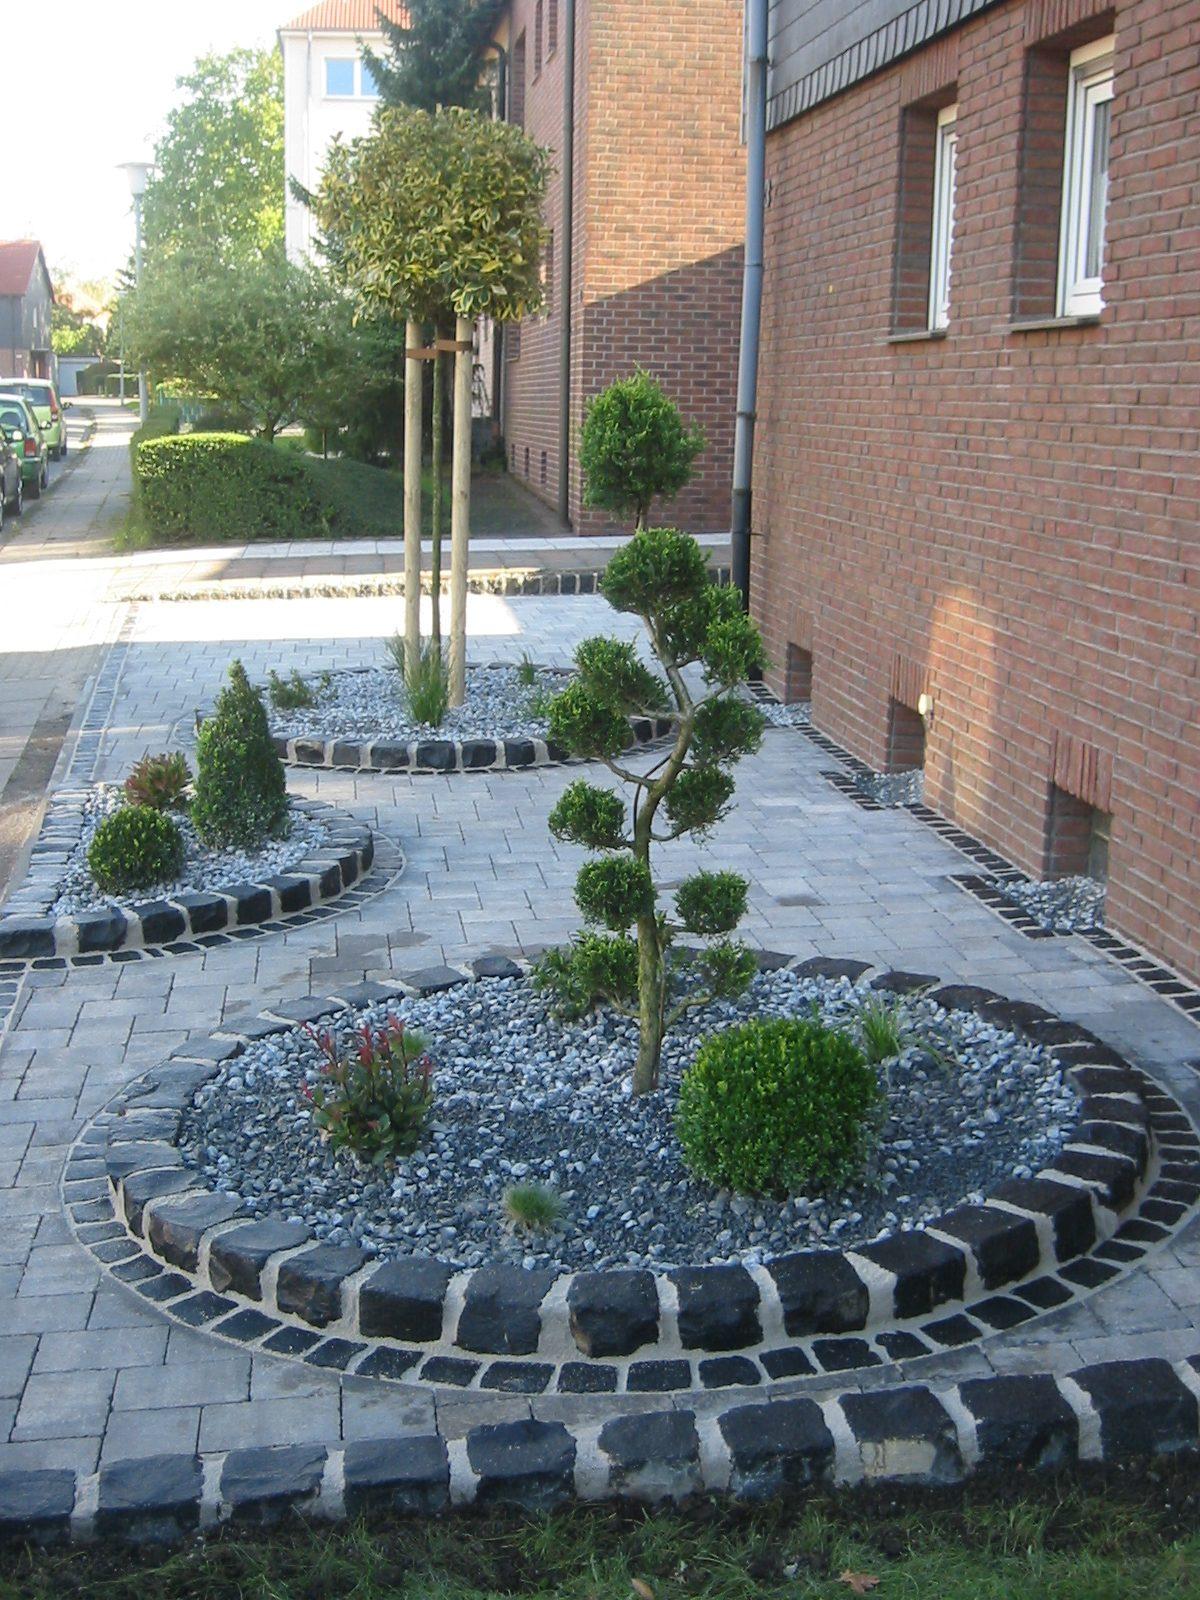 vorgarten kies | garten- und landschaftsbau patrick fink, Gartenarbeit ideen